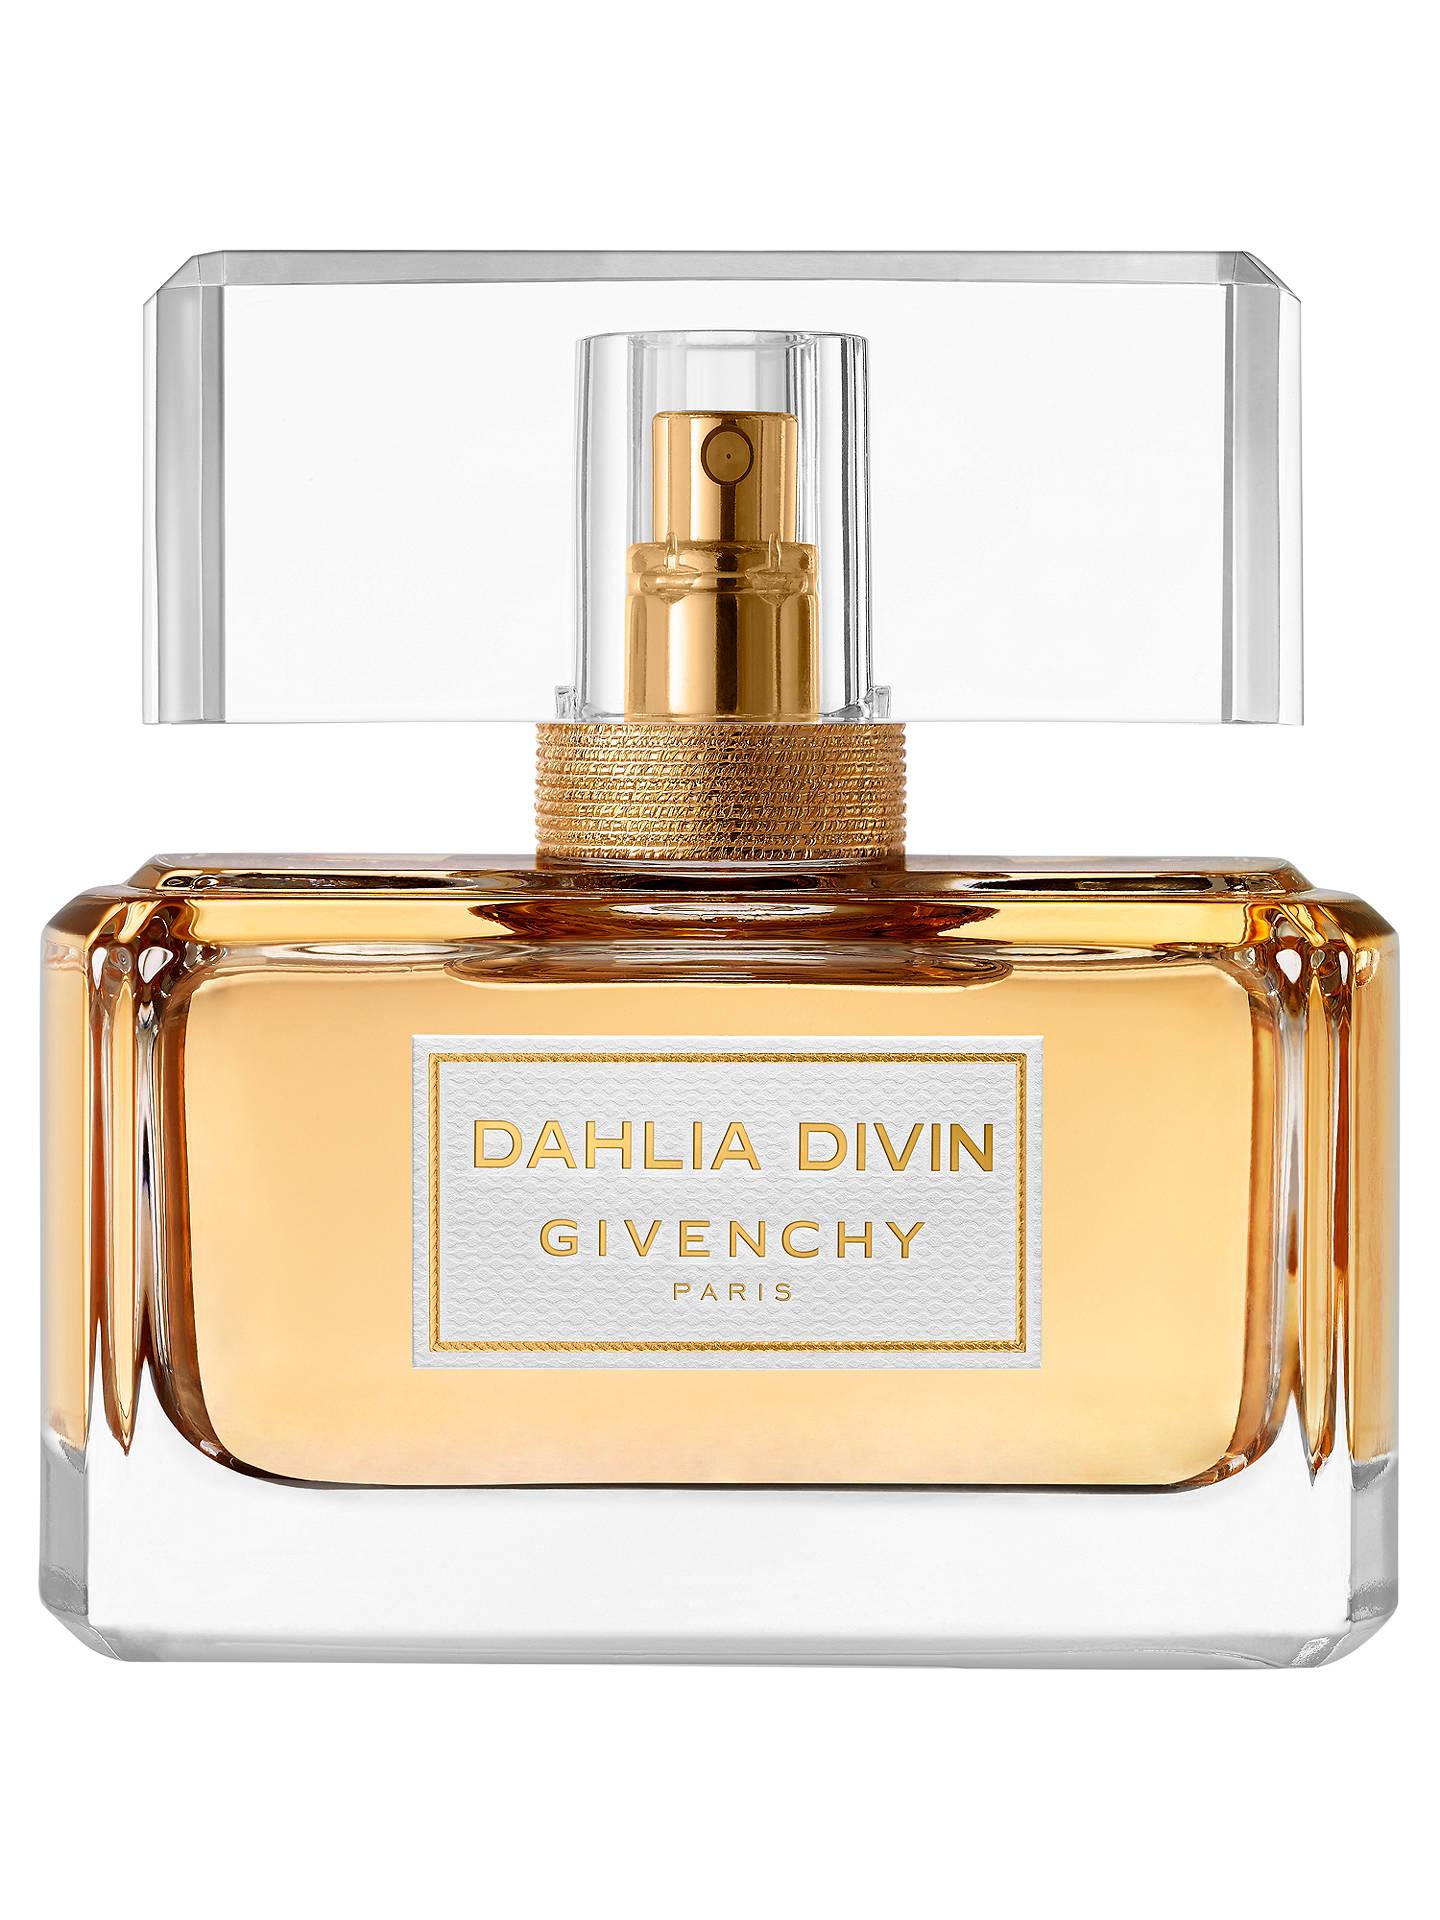 06dda5b6c1 Givenchy Dahlia Divin Eau de Parfum at John Lewis   Partners